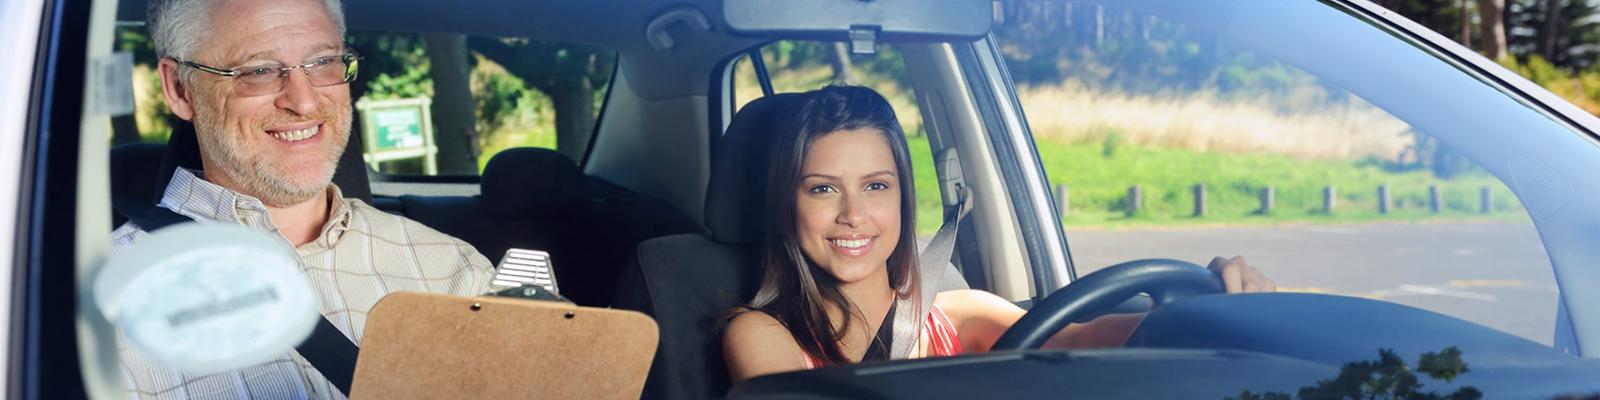 rijbewijs eigen verklaring